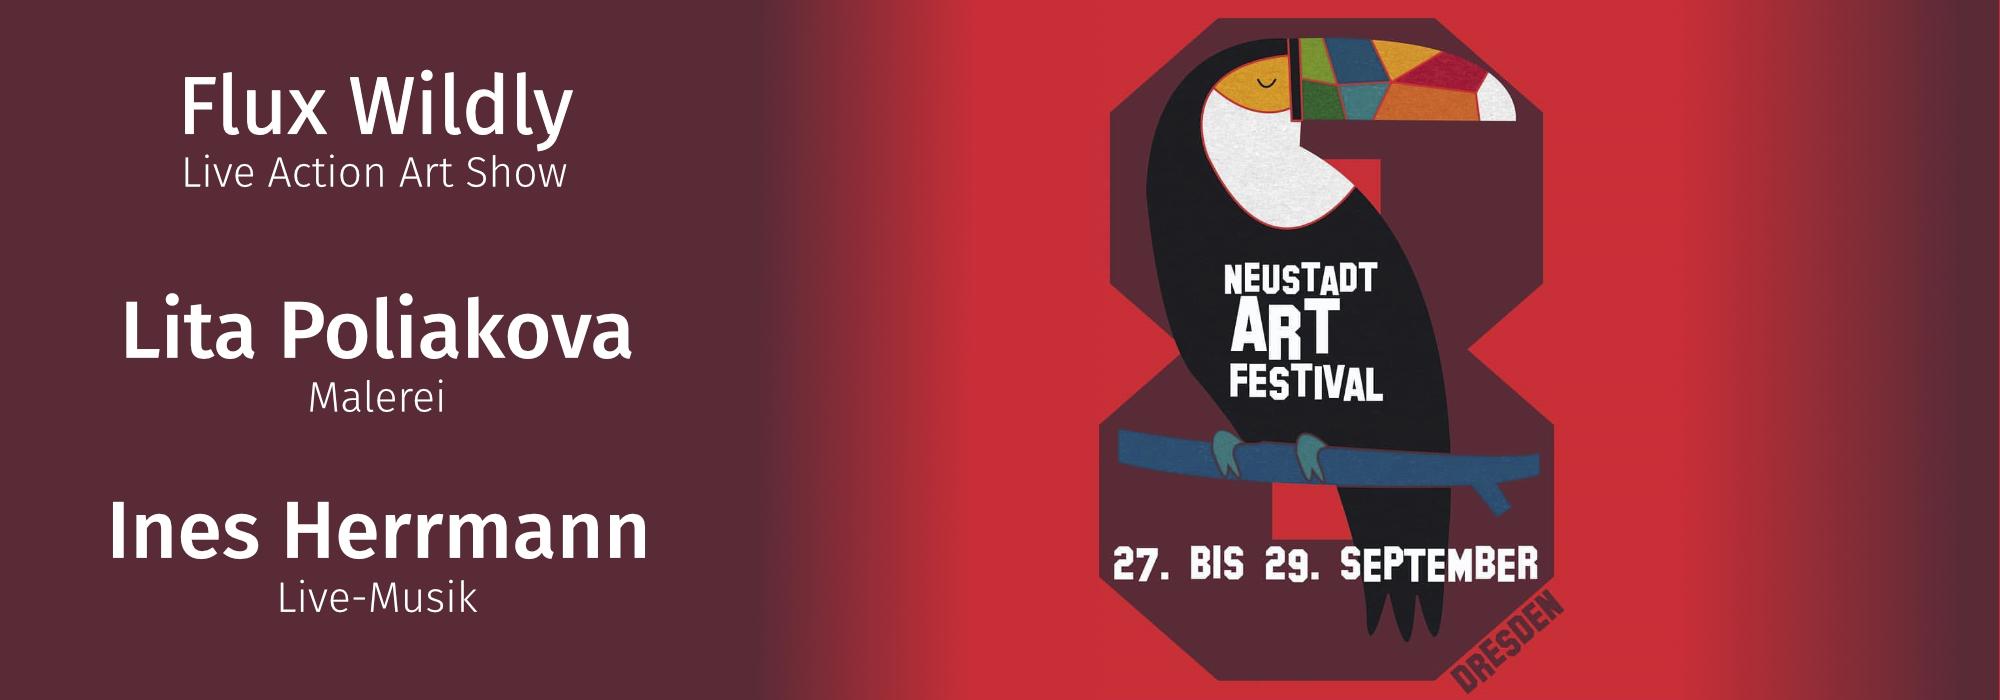 Neustadt Art Festival visiting Kultur Aktiv